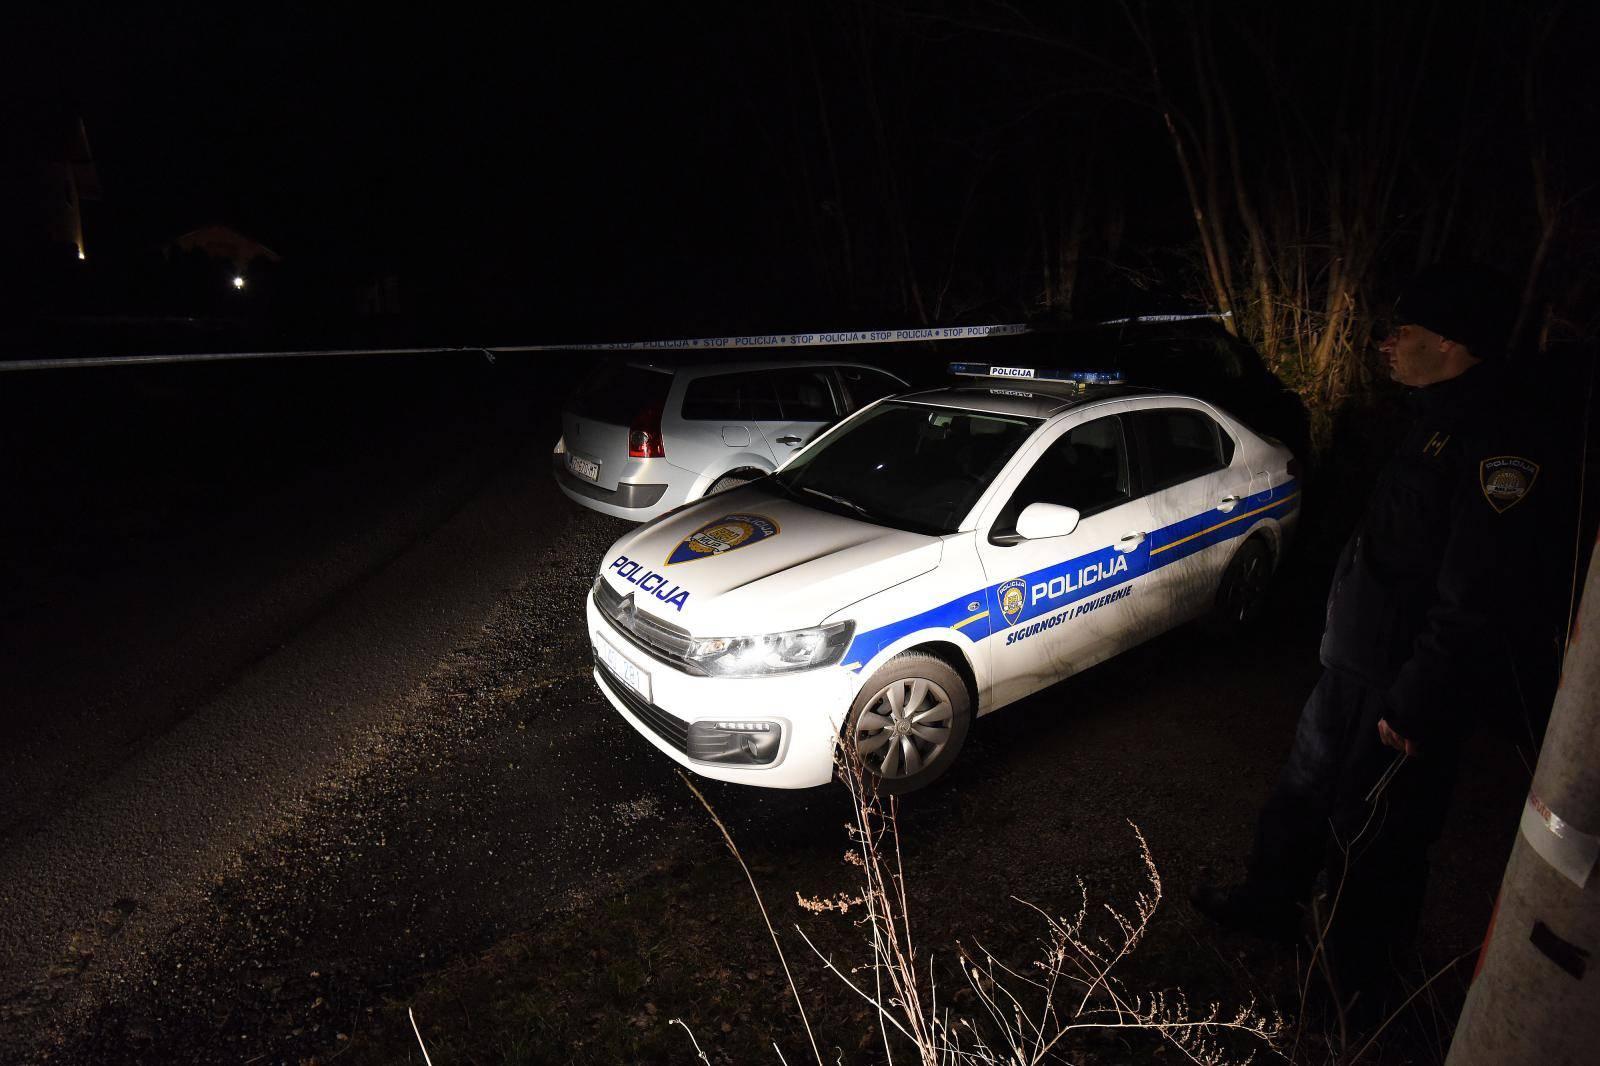 Dvojicu pokušao ubiti nožem, a još dvojici je prijetio ubojstvom